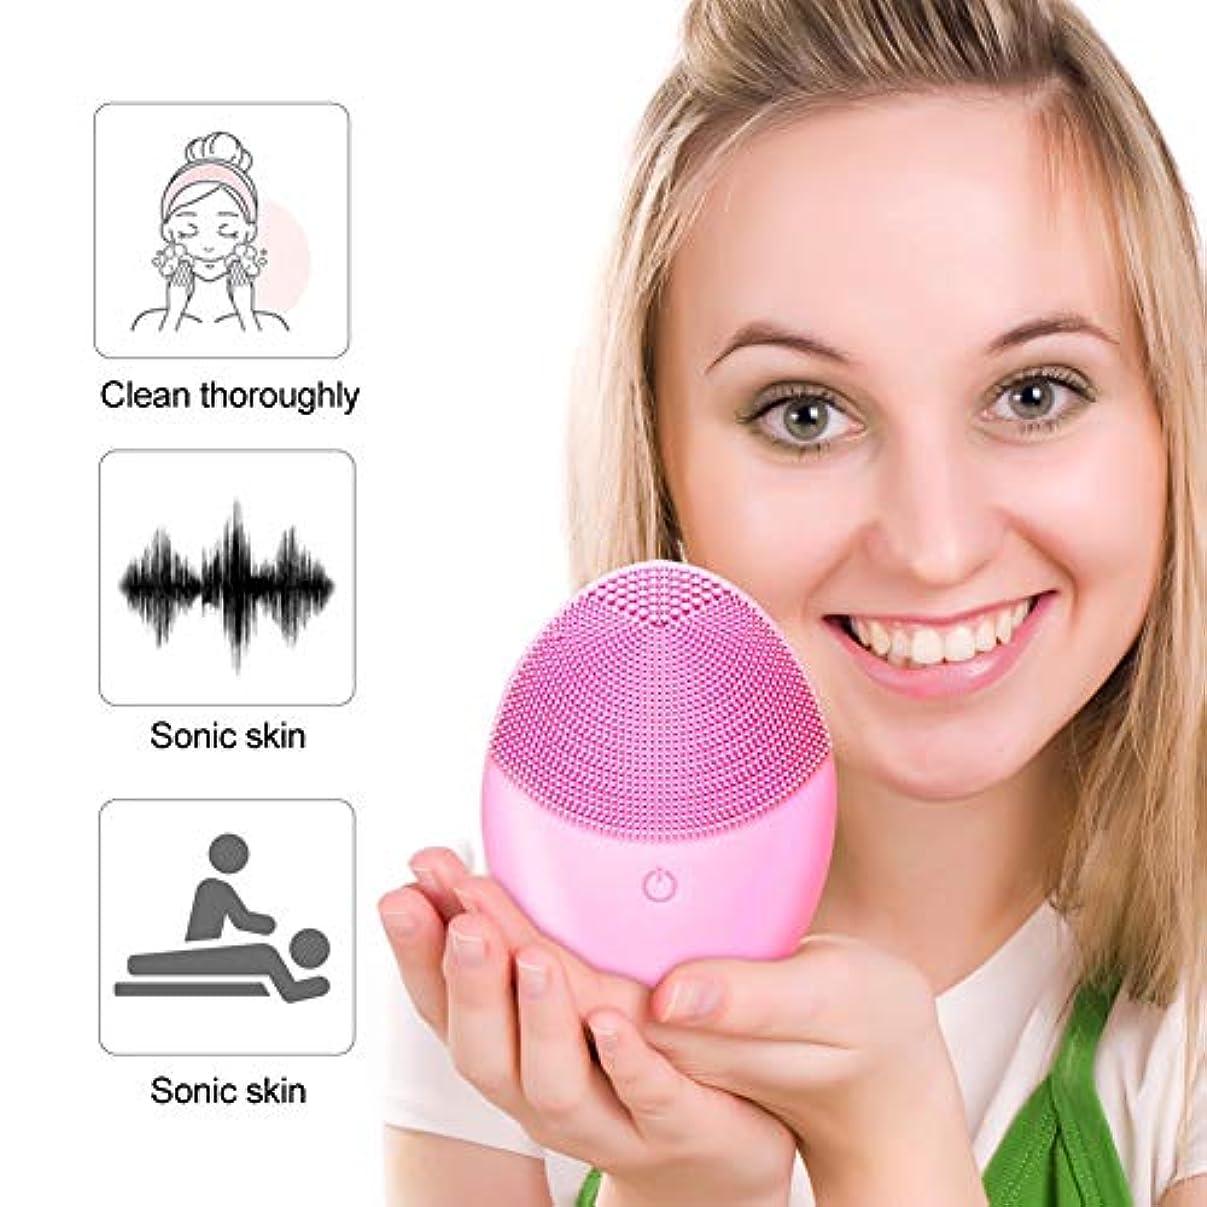 リングバックロマンチック誰ブラックヘッド、ディープクレンジングスキンケアを削除洗顔ブラシ、携帯用電気クレンザーブラシシリコーンフェイスマッサージャー、毛穴クリーナー超音波メイクアップリムーバー、ウォッシュアーティファクト、エクスフォリエイティング...